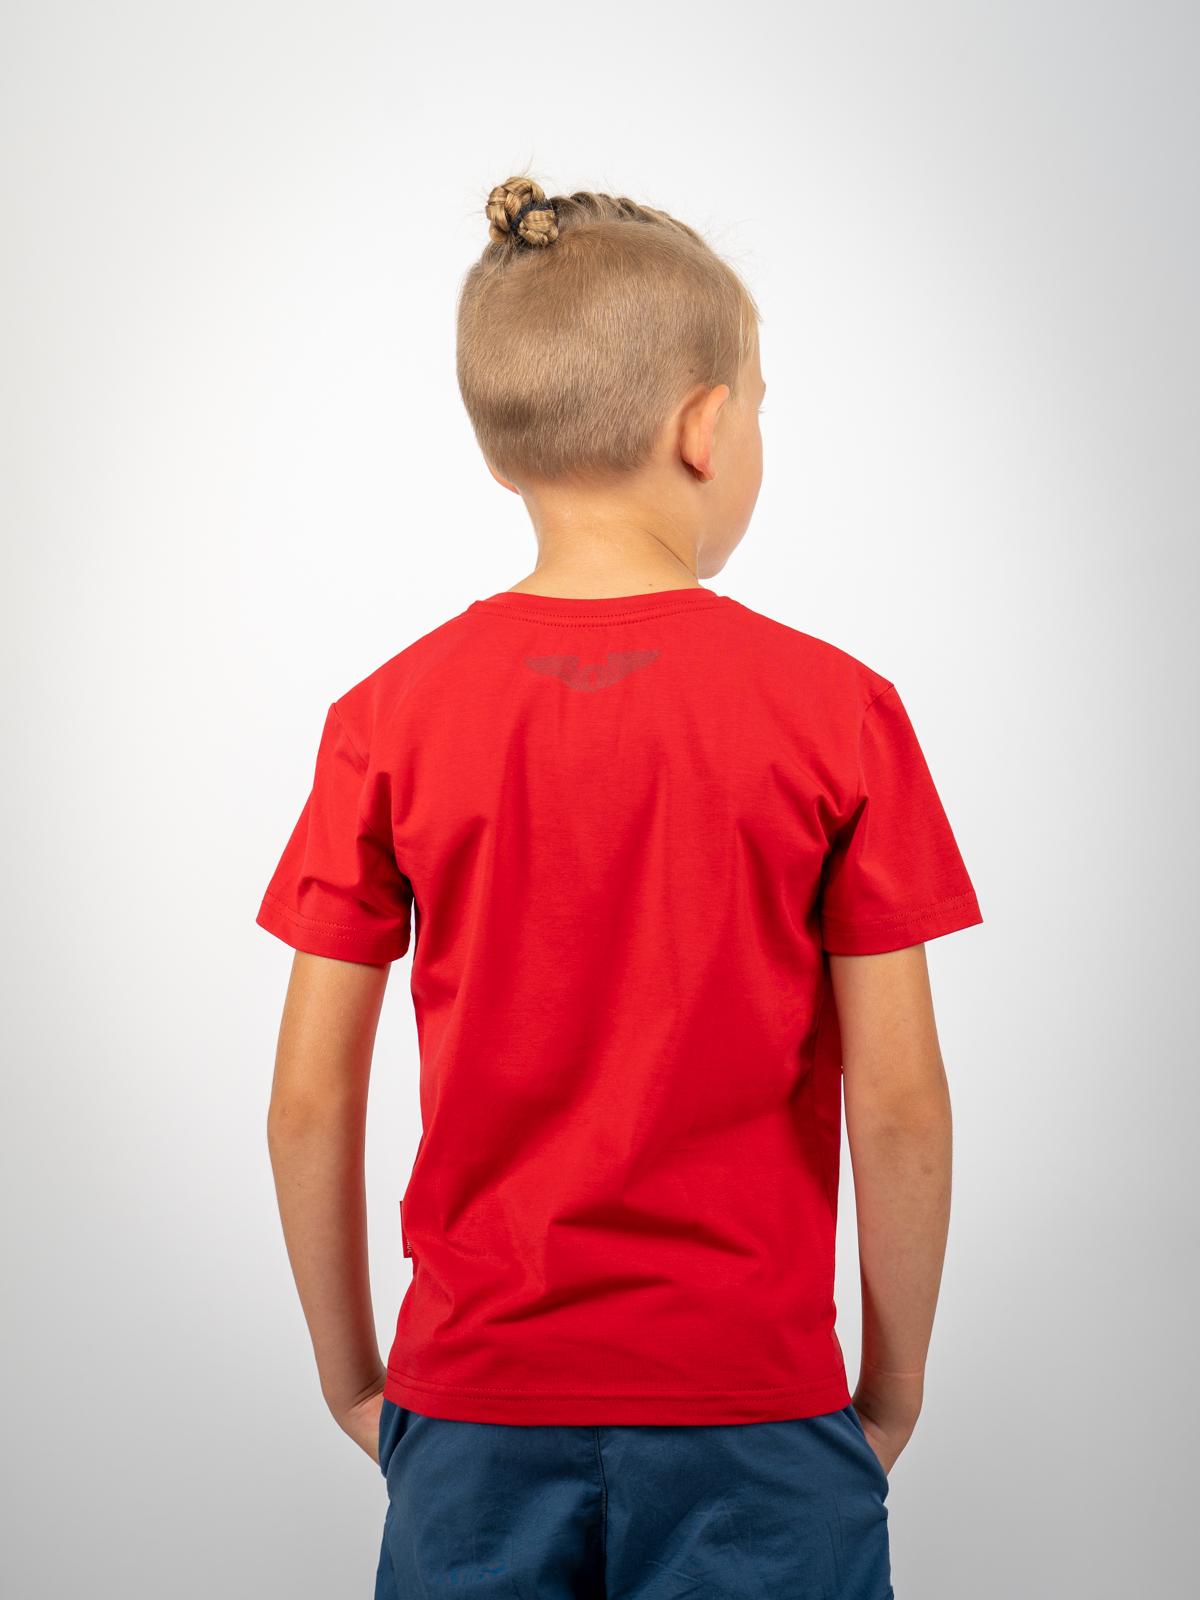 Дитяча Футболка Народжений Літати. Колір червоний.  Матеріал: 95% бавовна, 5% спандекс.